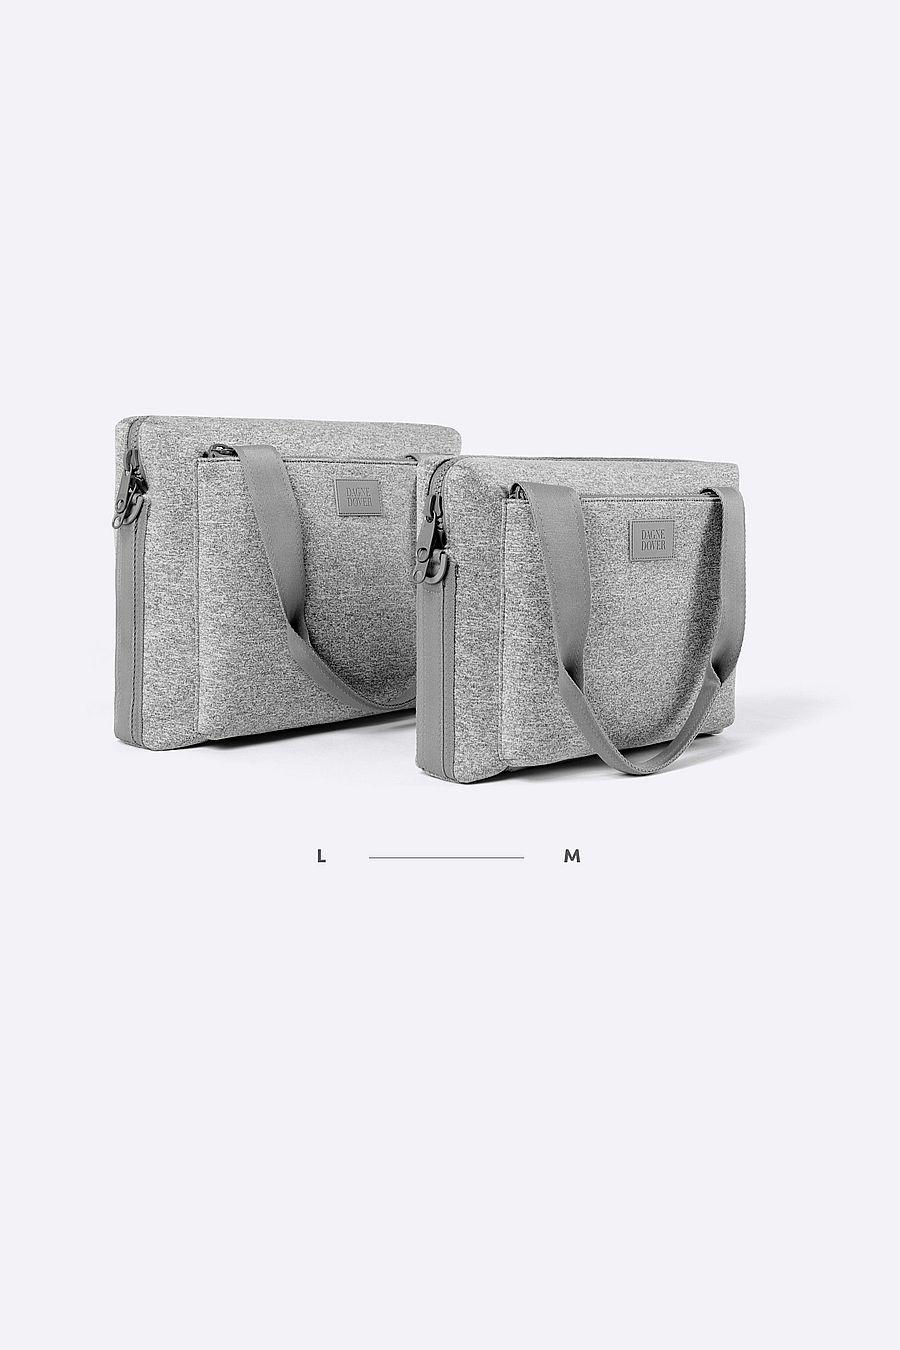 Dagne Dover Ryan Laptop Bag Medium - Heather Grey